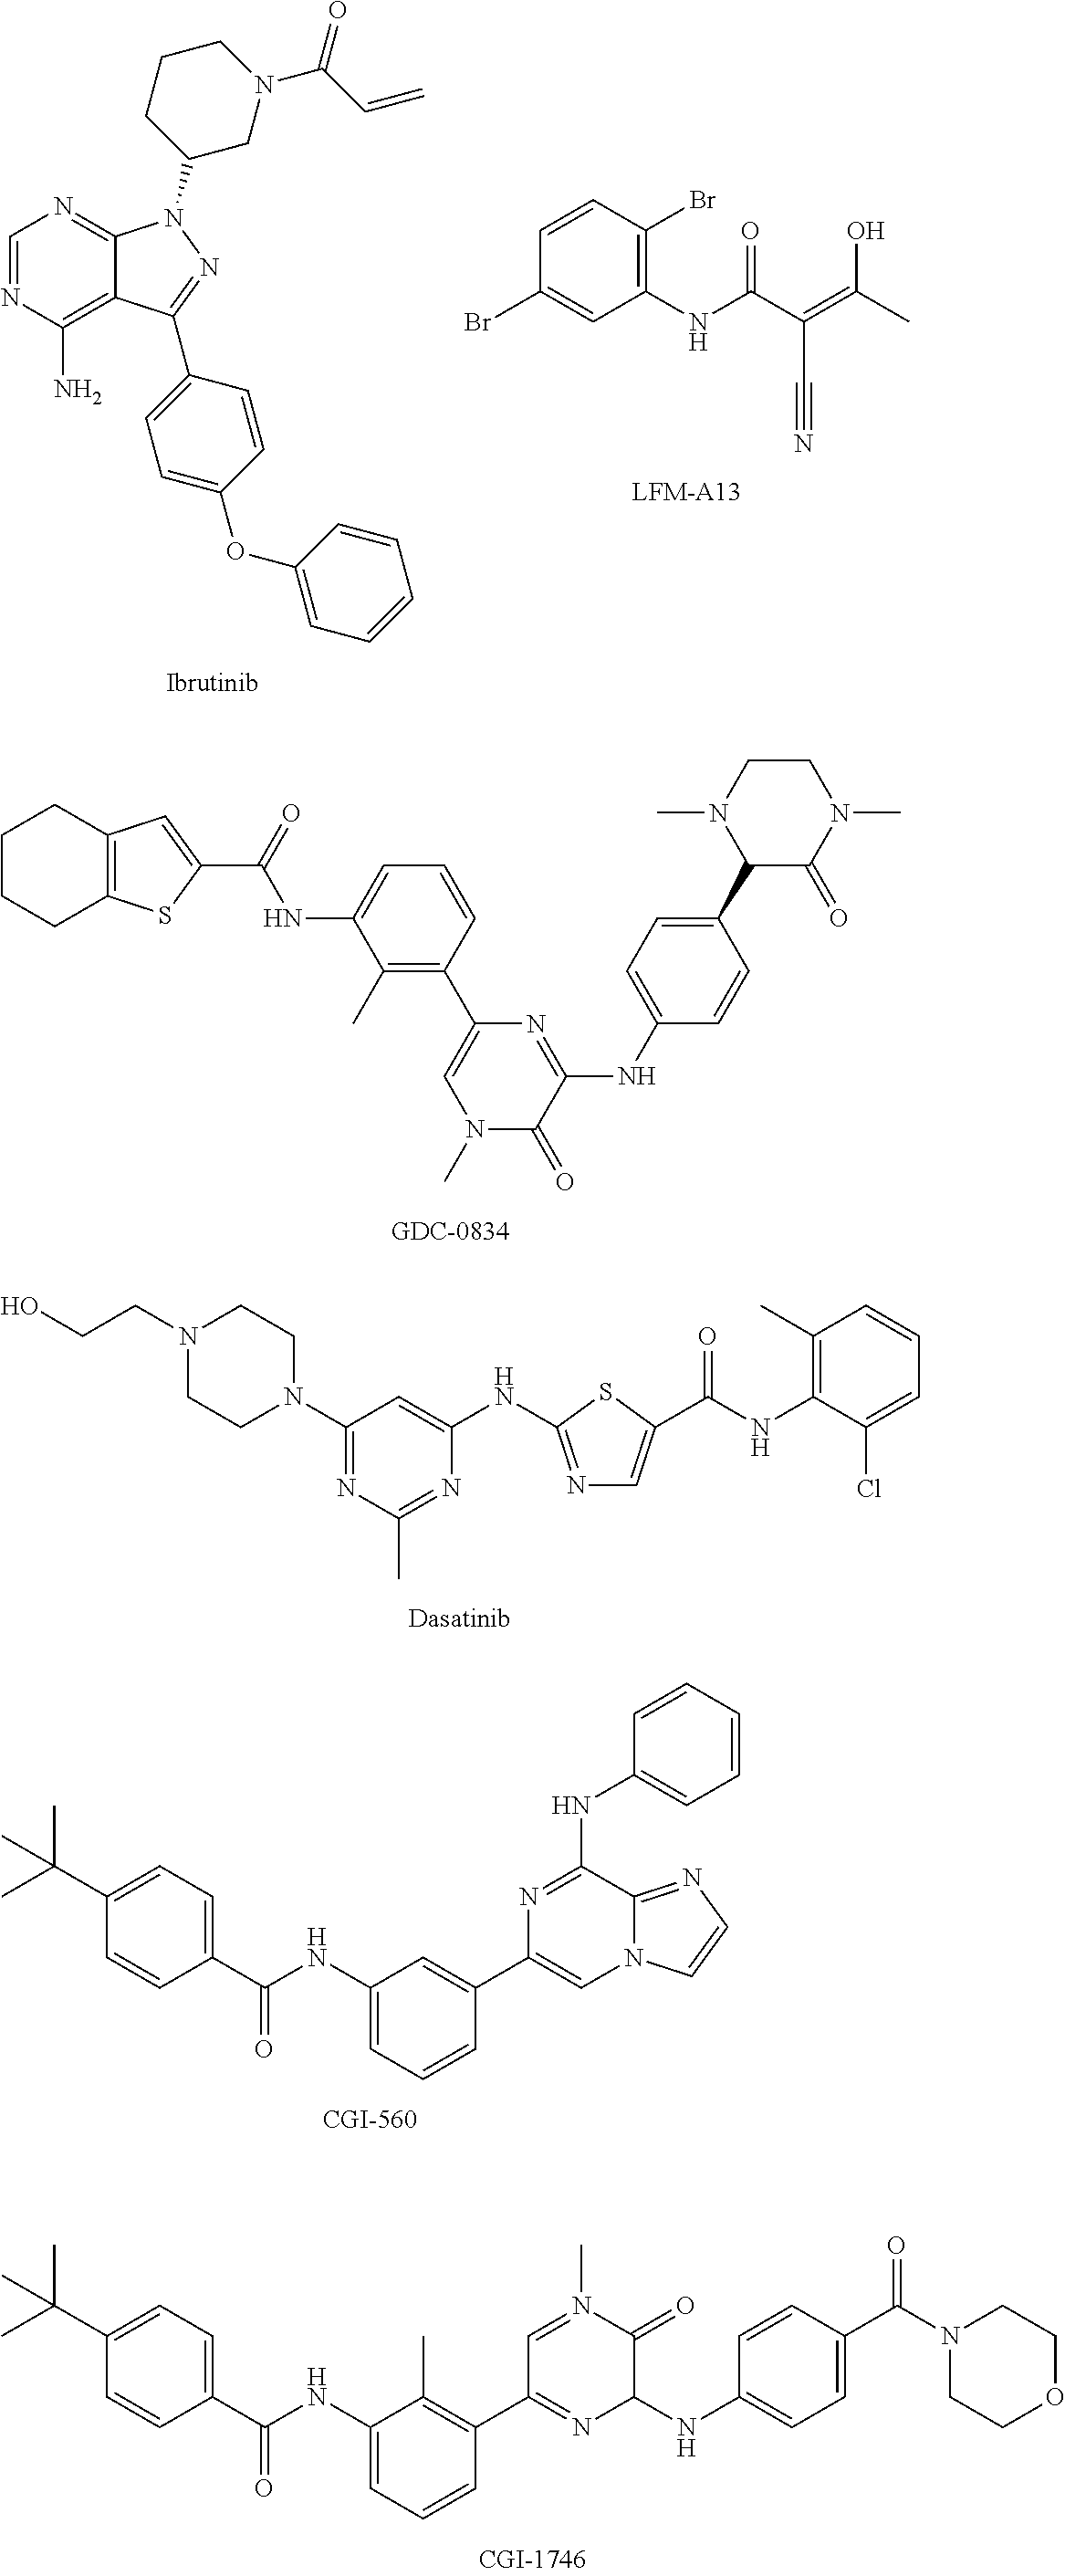 Figure US20150141374A1-20150521-C00001